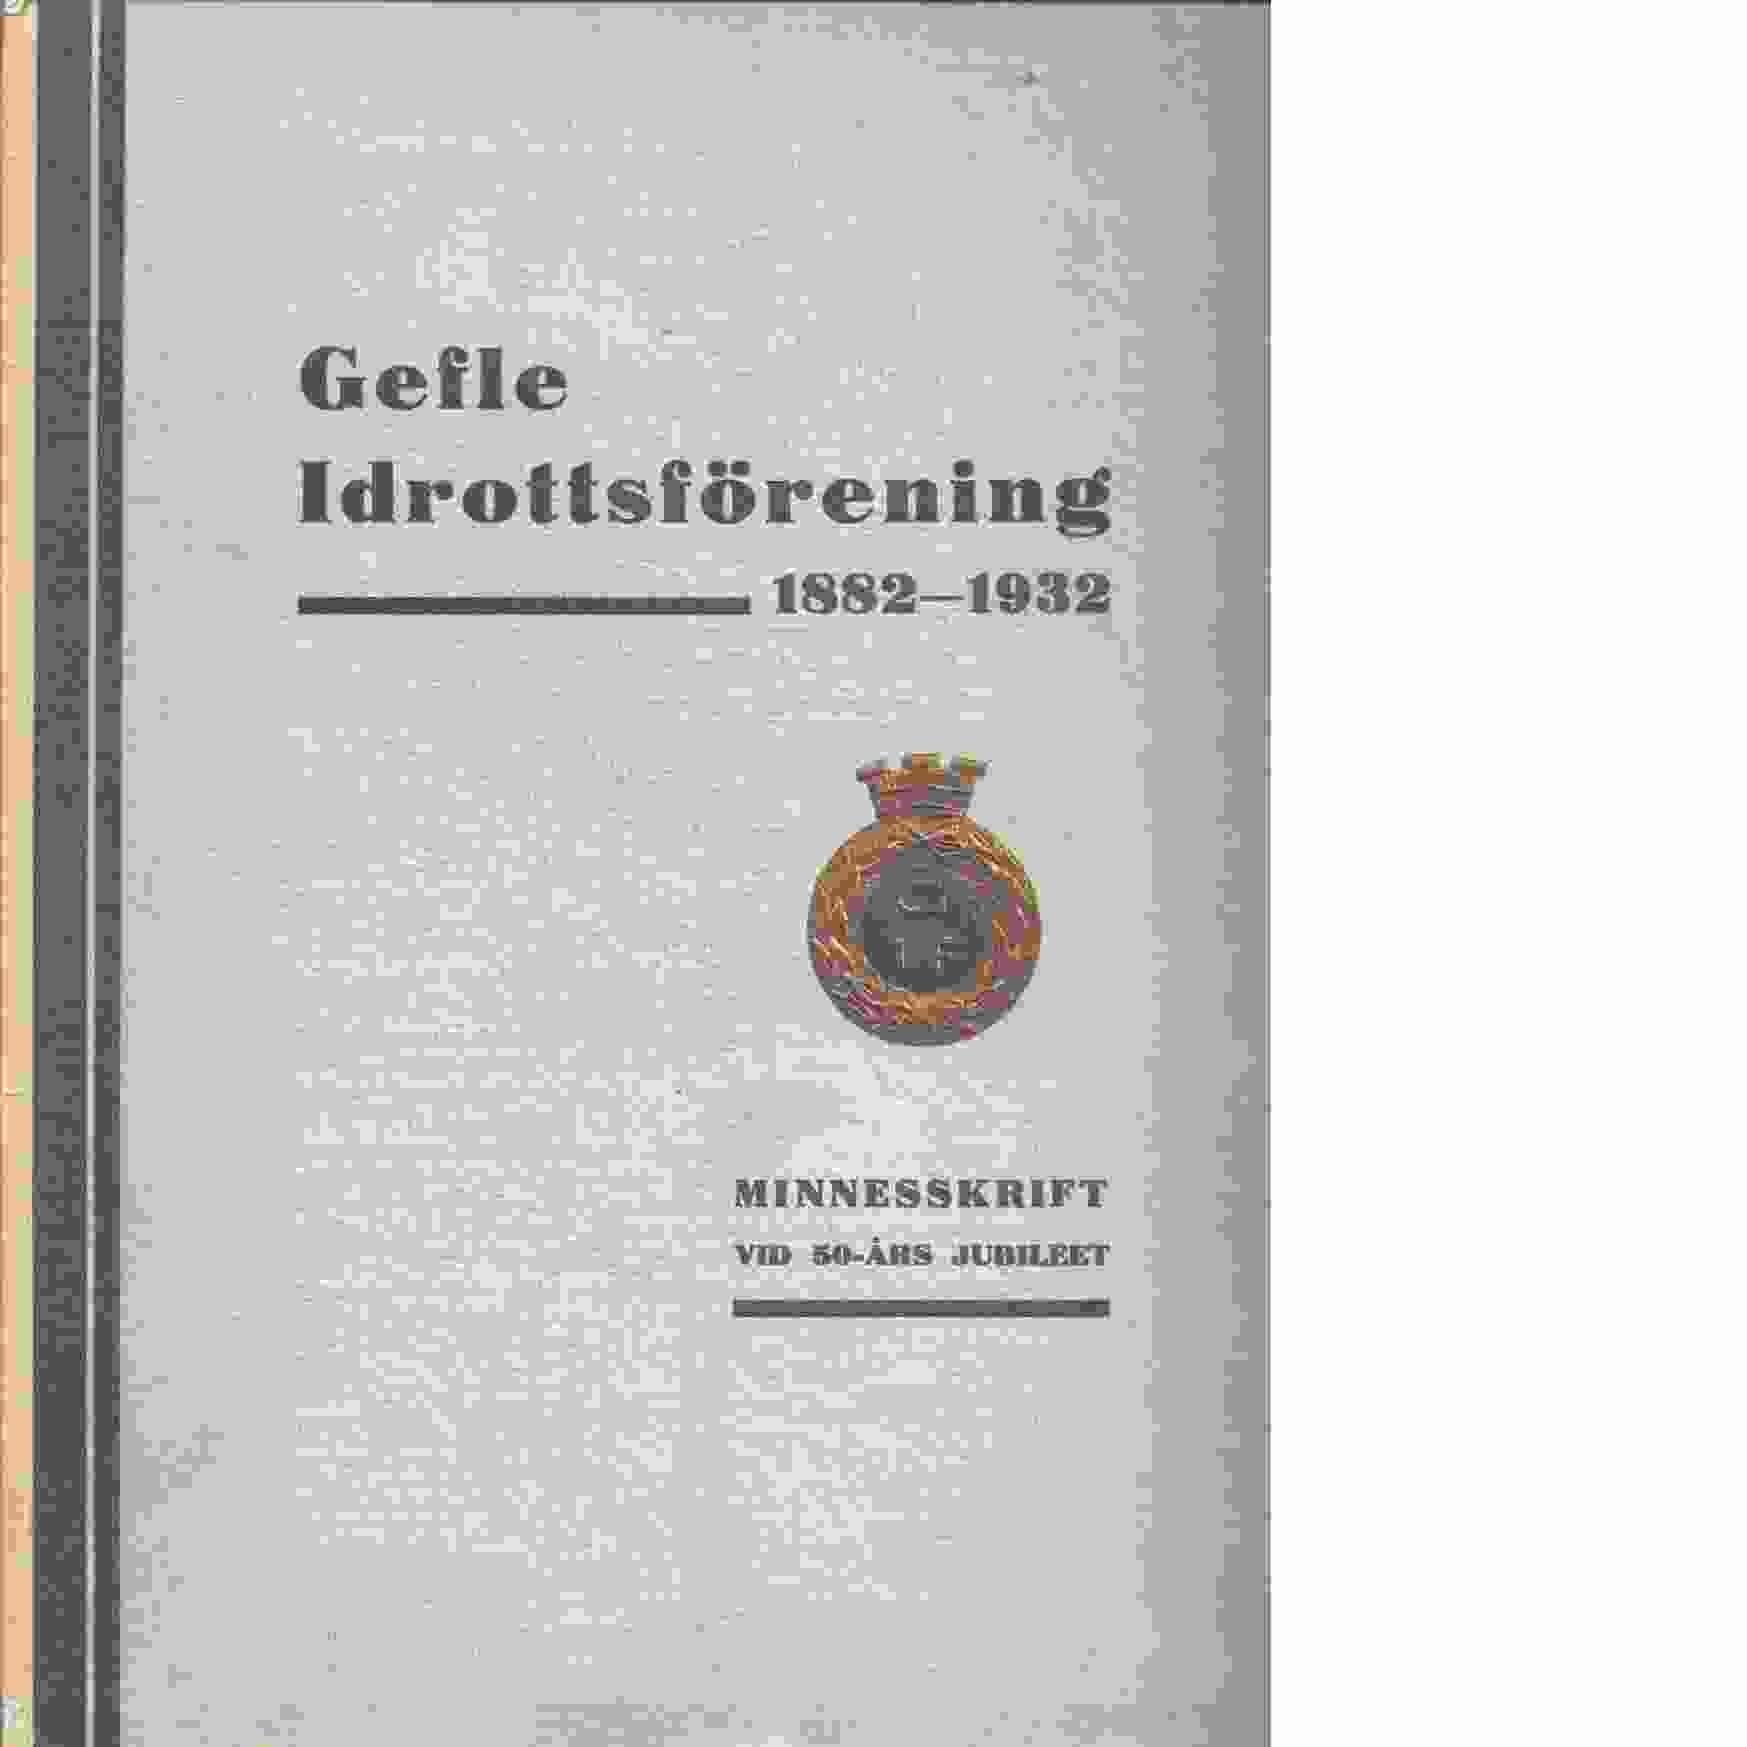 Gefle idrottsförening 1882-1932 : Minnesskrift utg. till föreningens femtioårsjubileum den 5 december 1932 - Red Gävle : Arbetarbladet